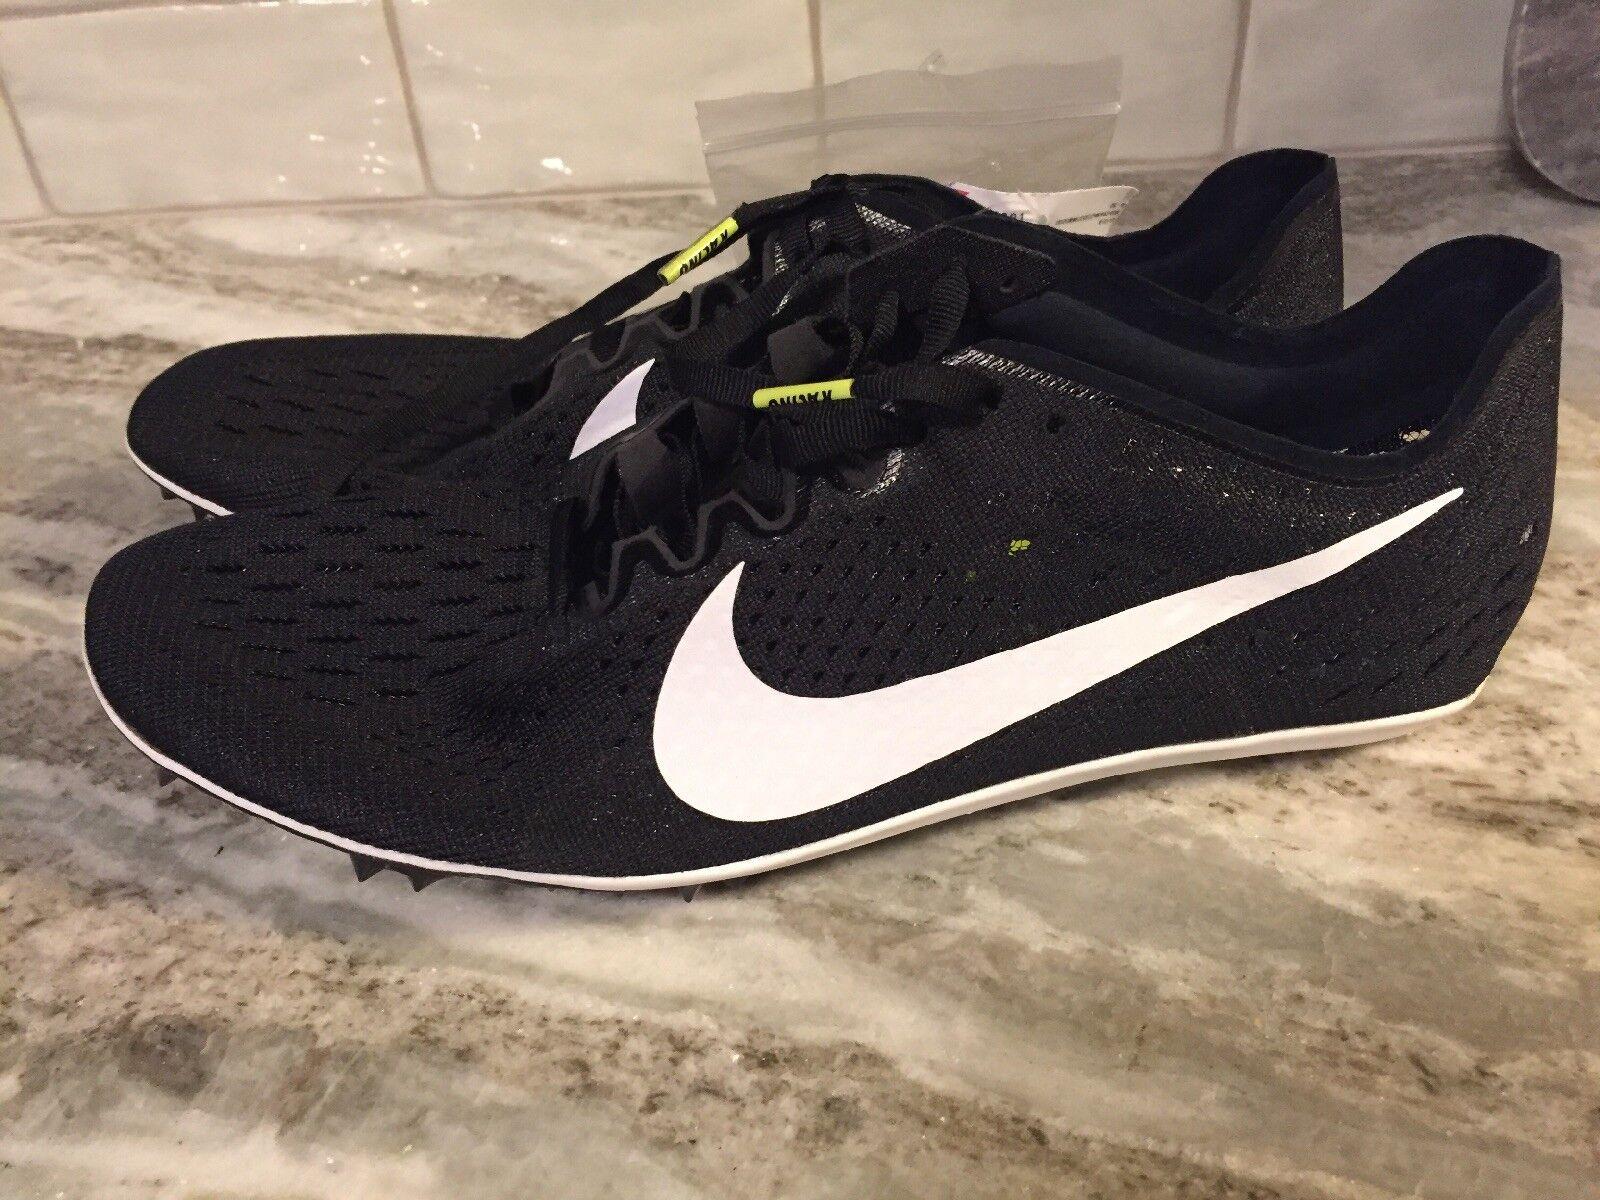 Nike zoom vittoria 3 corse le scarpe nere 835997-017 noi nuovi 12   bianco | Di Alta Qualità Ed Economico  | Scolaro/Ragazze Scarpa